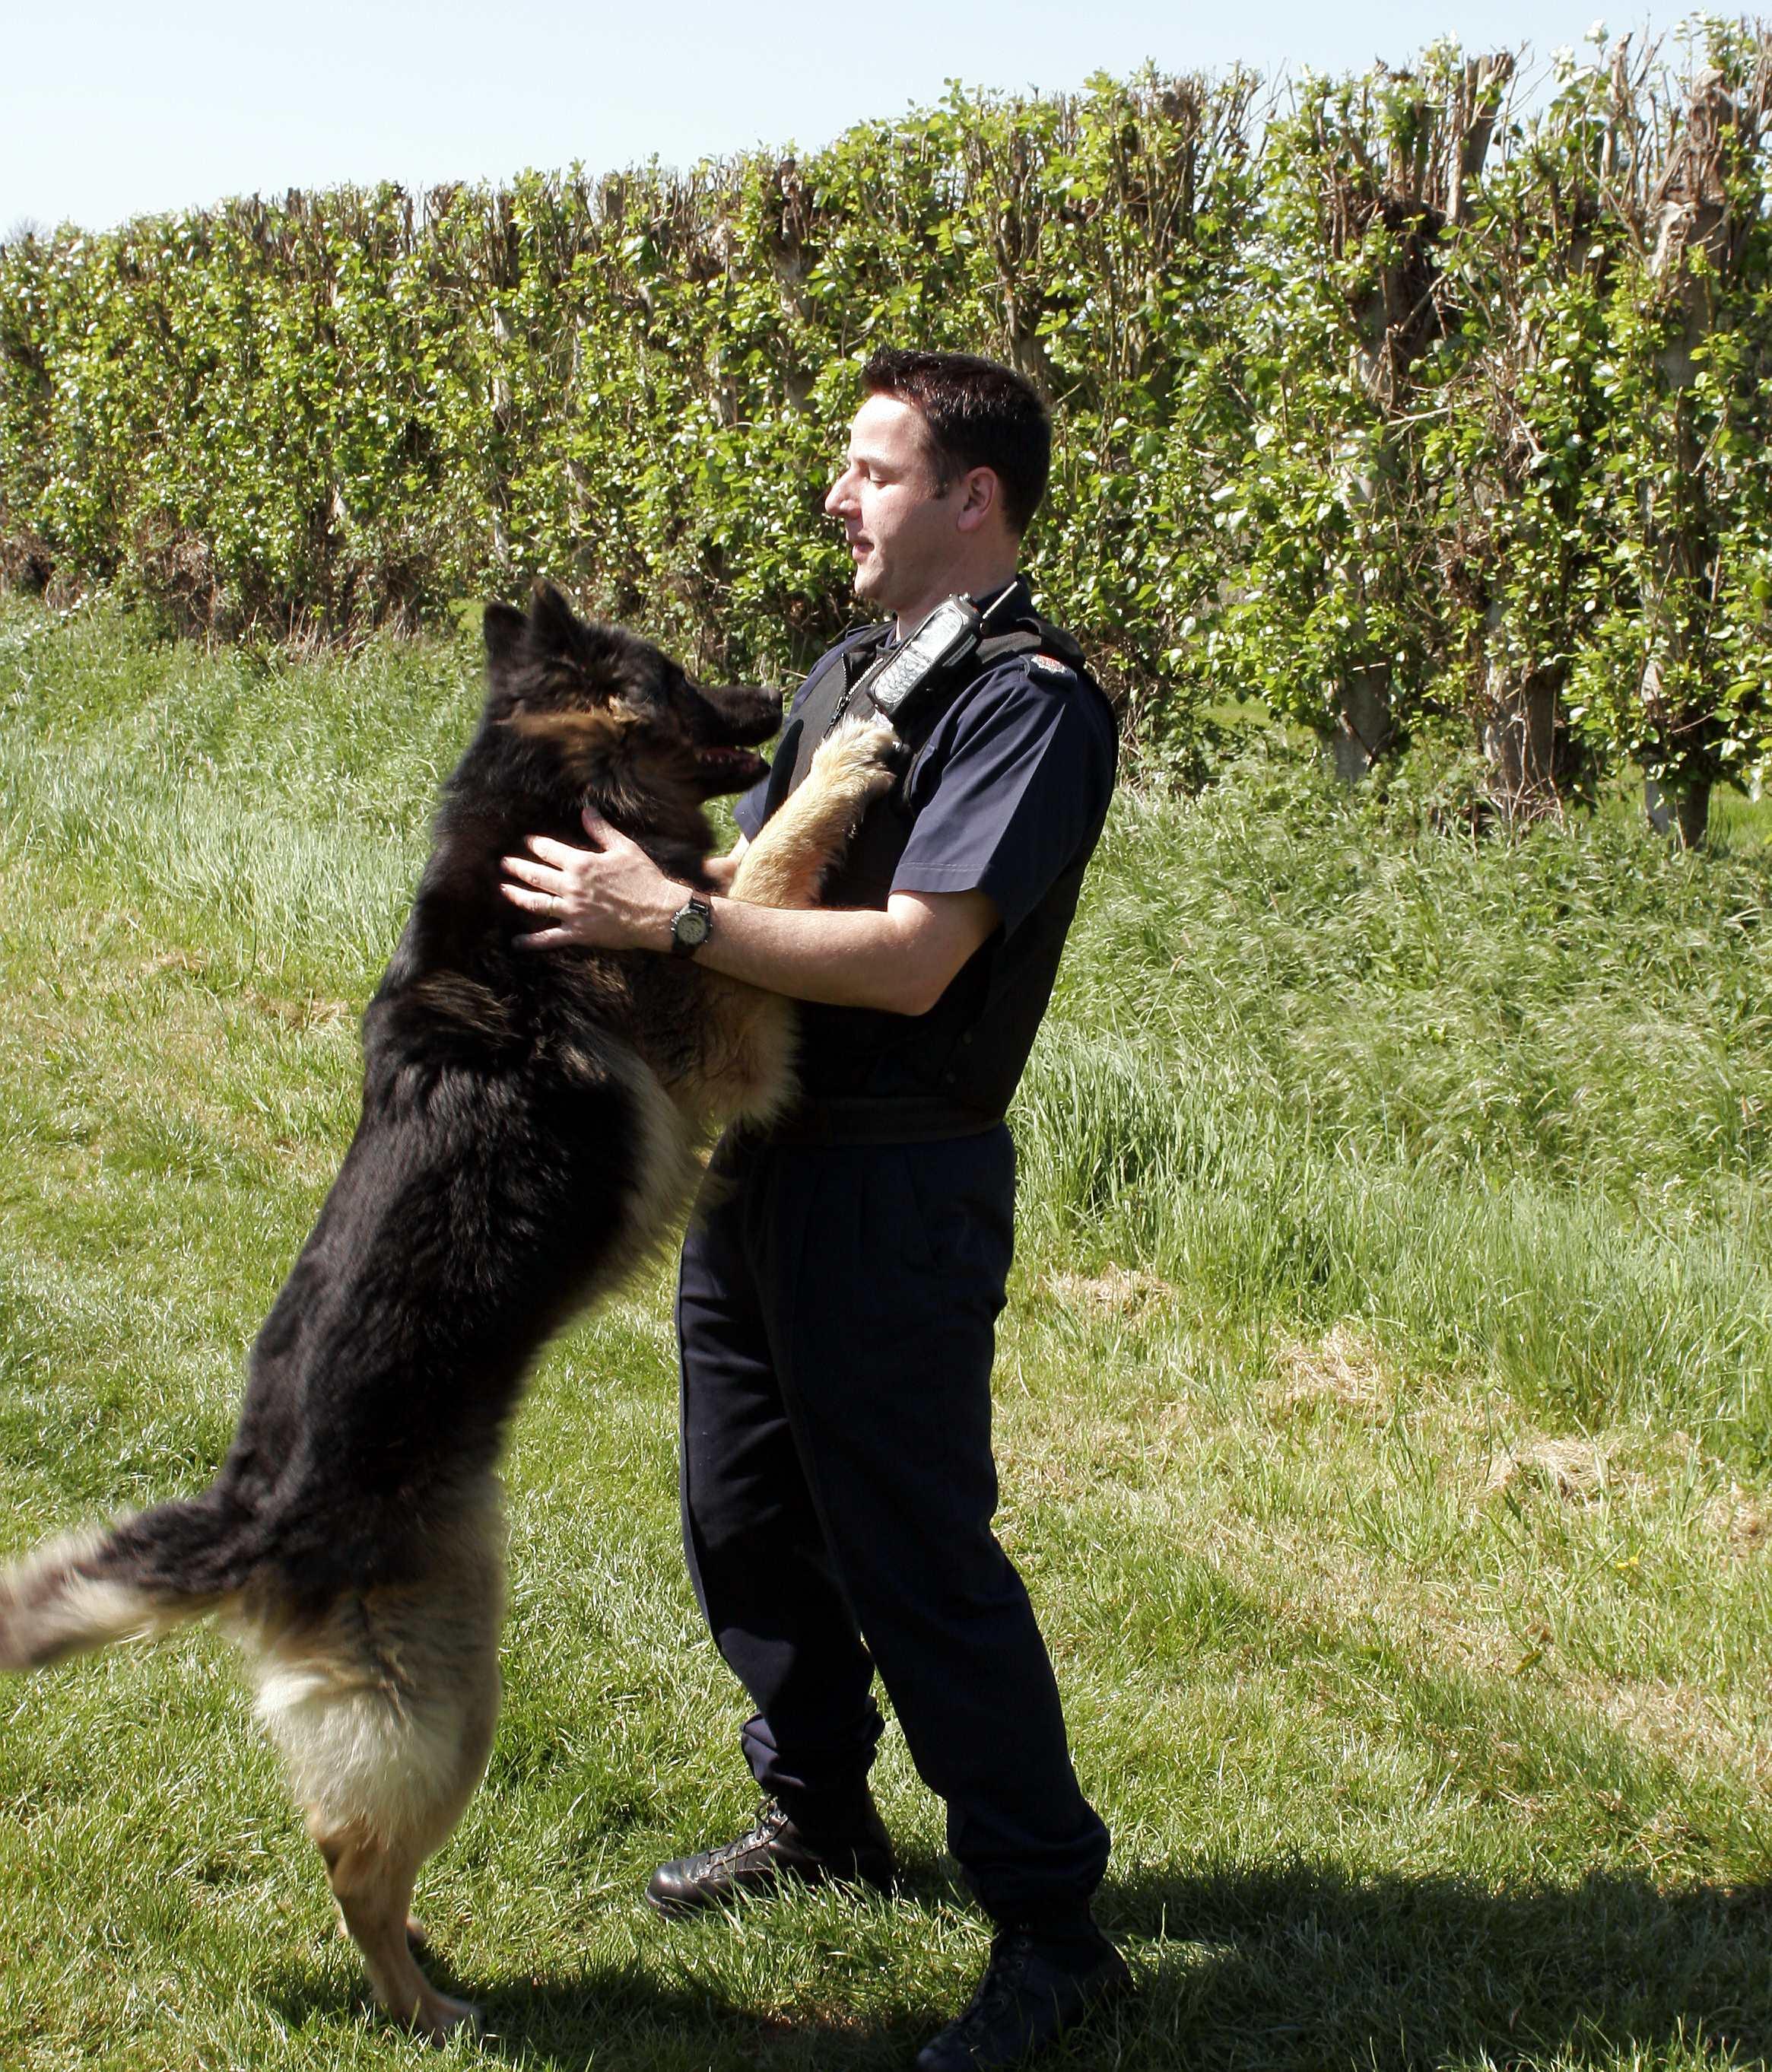 SA0105072_2 dog.jpg